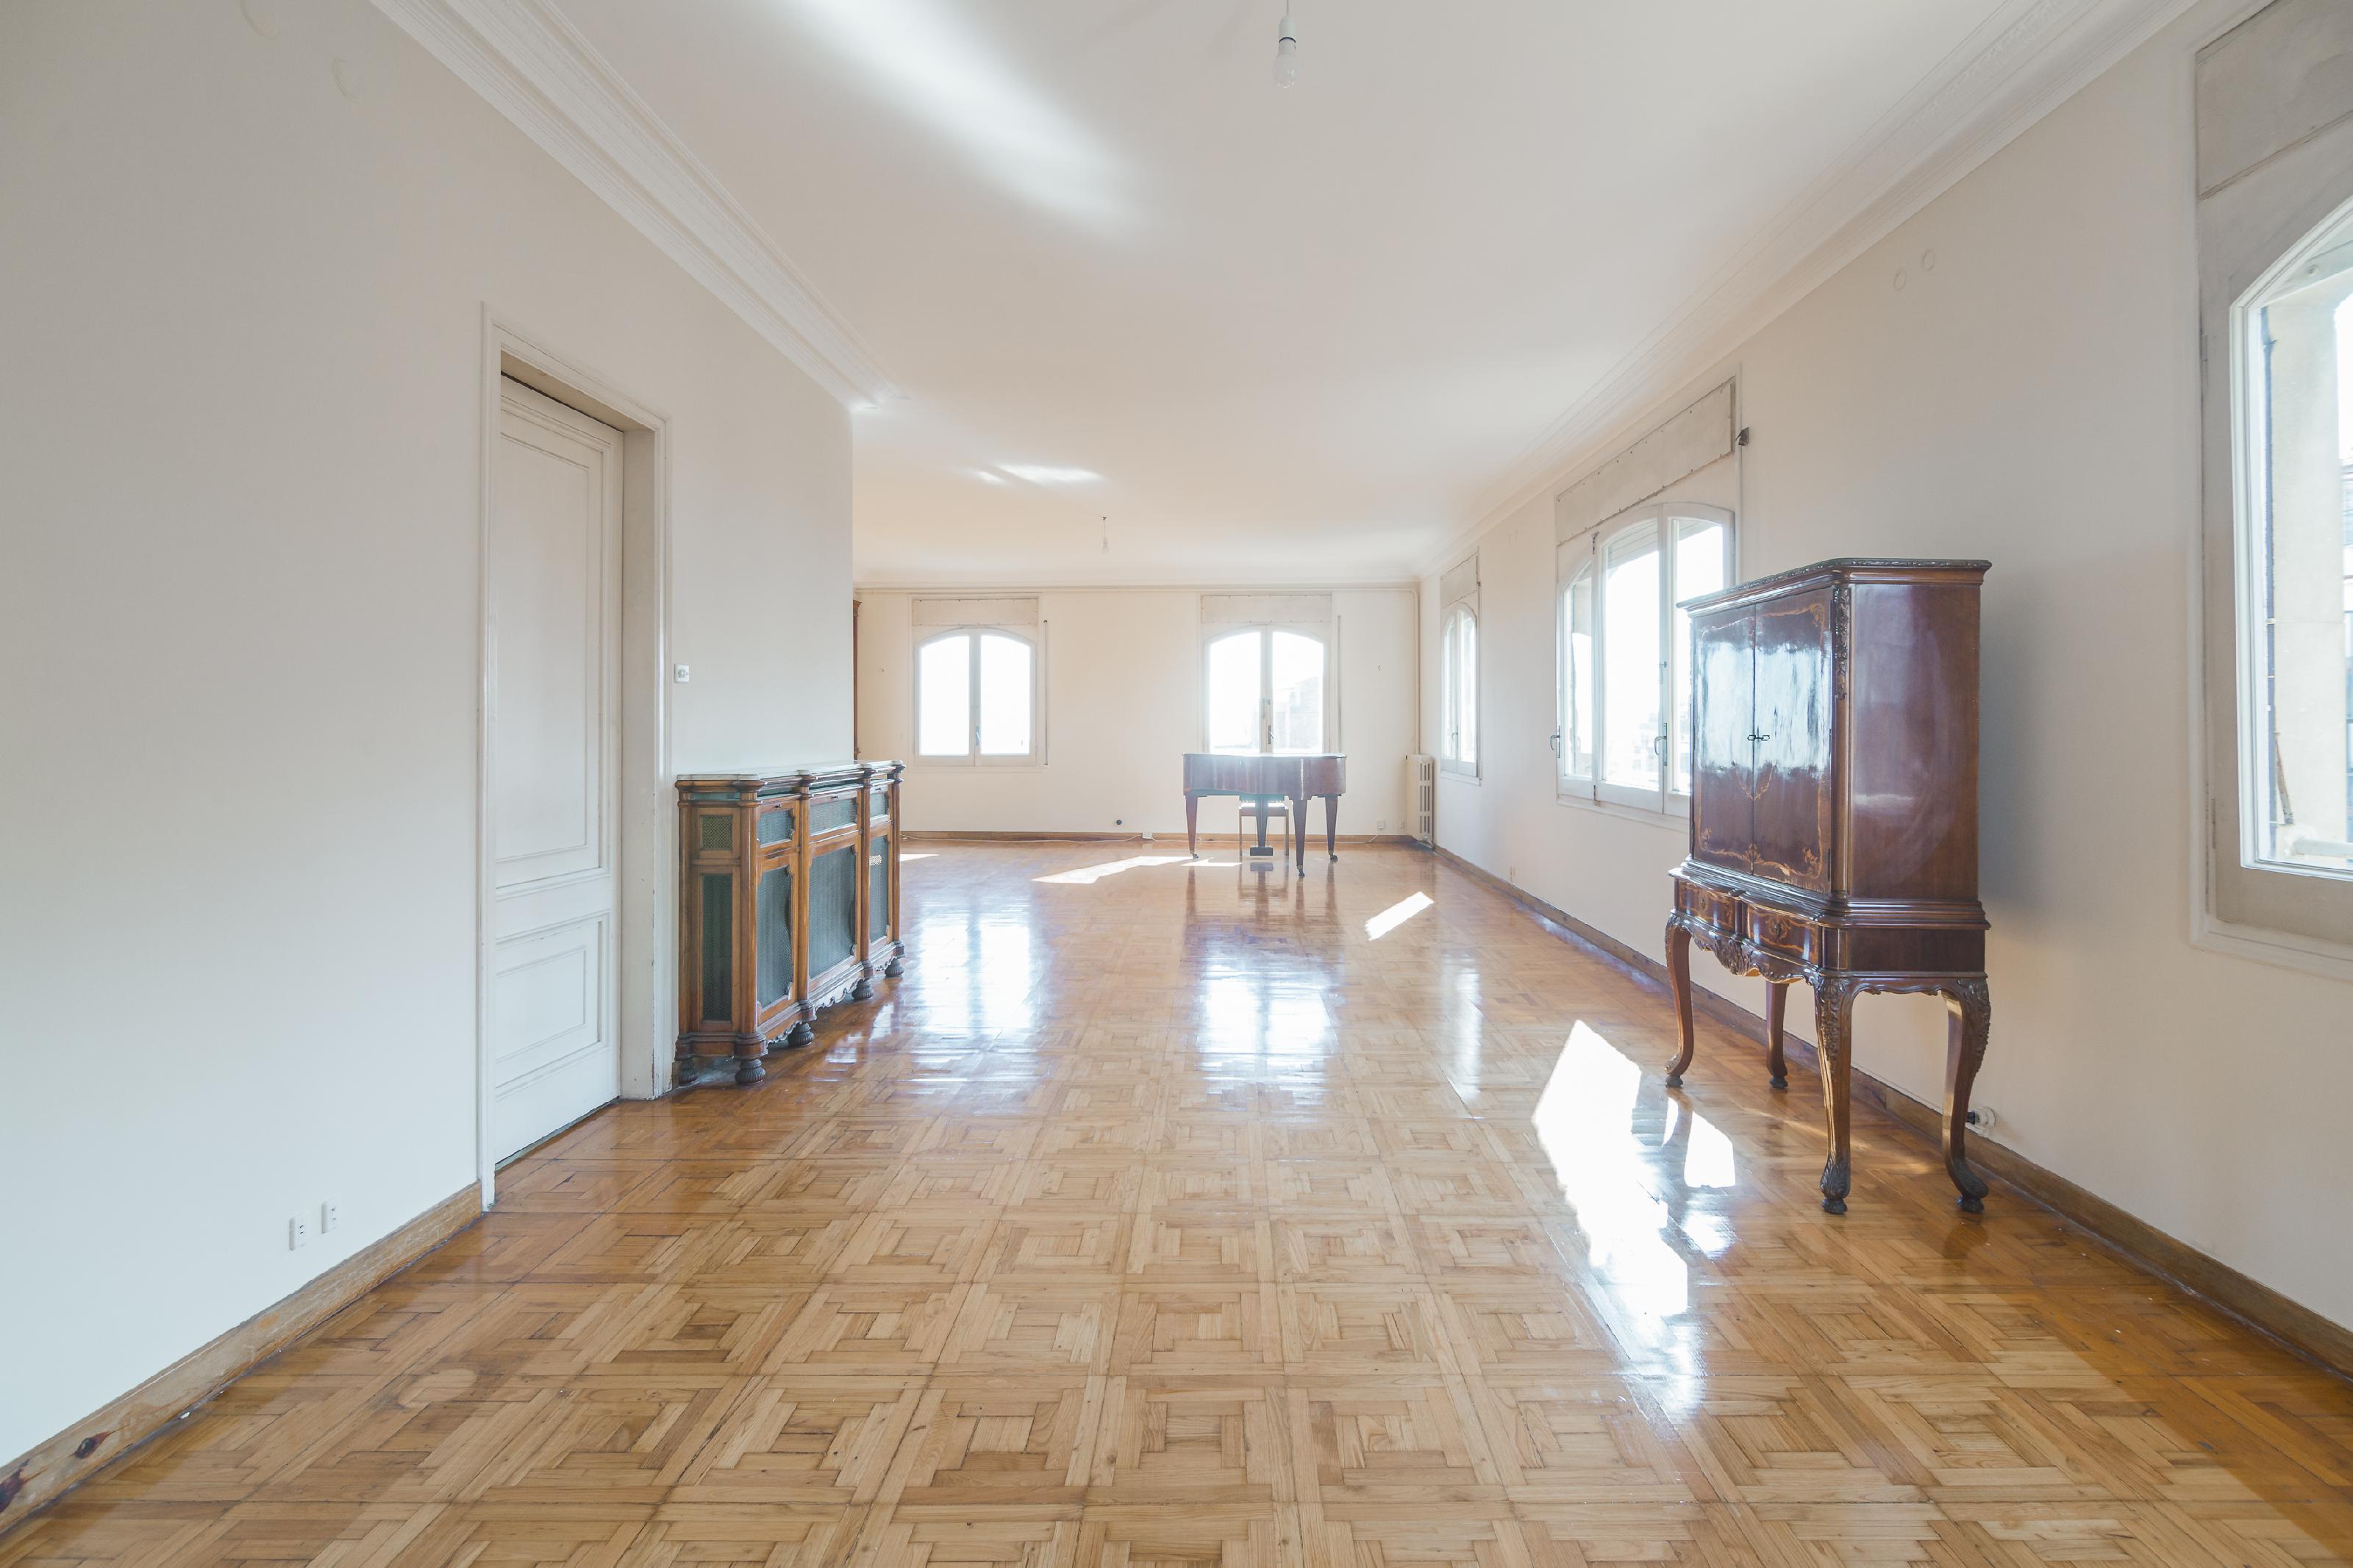 246643 Ático en venda en Sarrià-Sant Gervasi, St. Gervasi-Bonanova 10